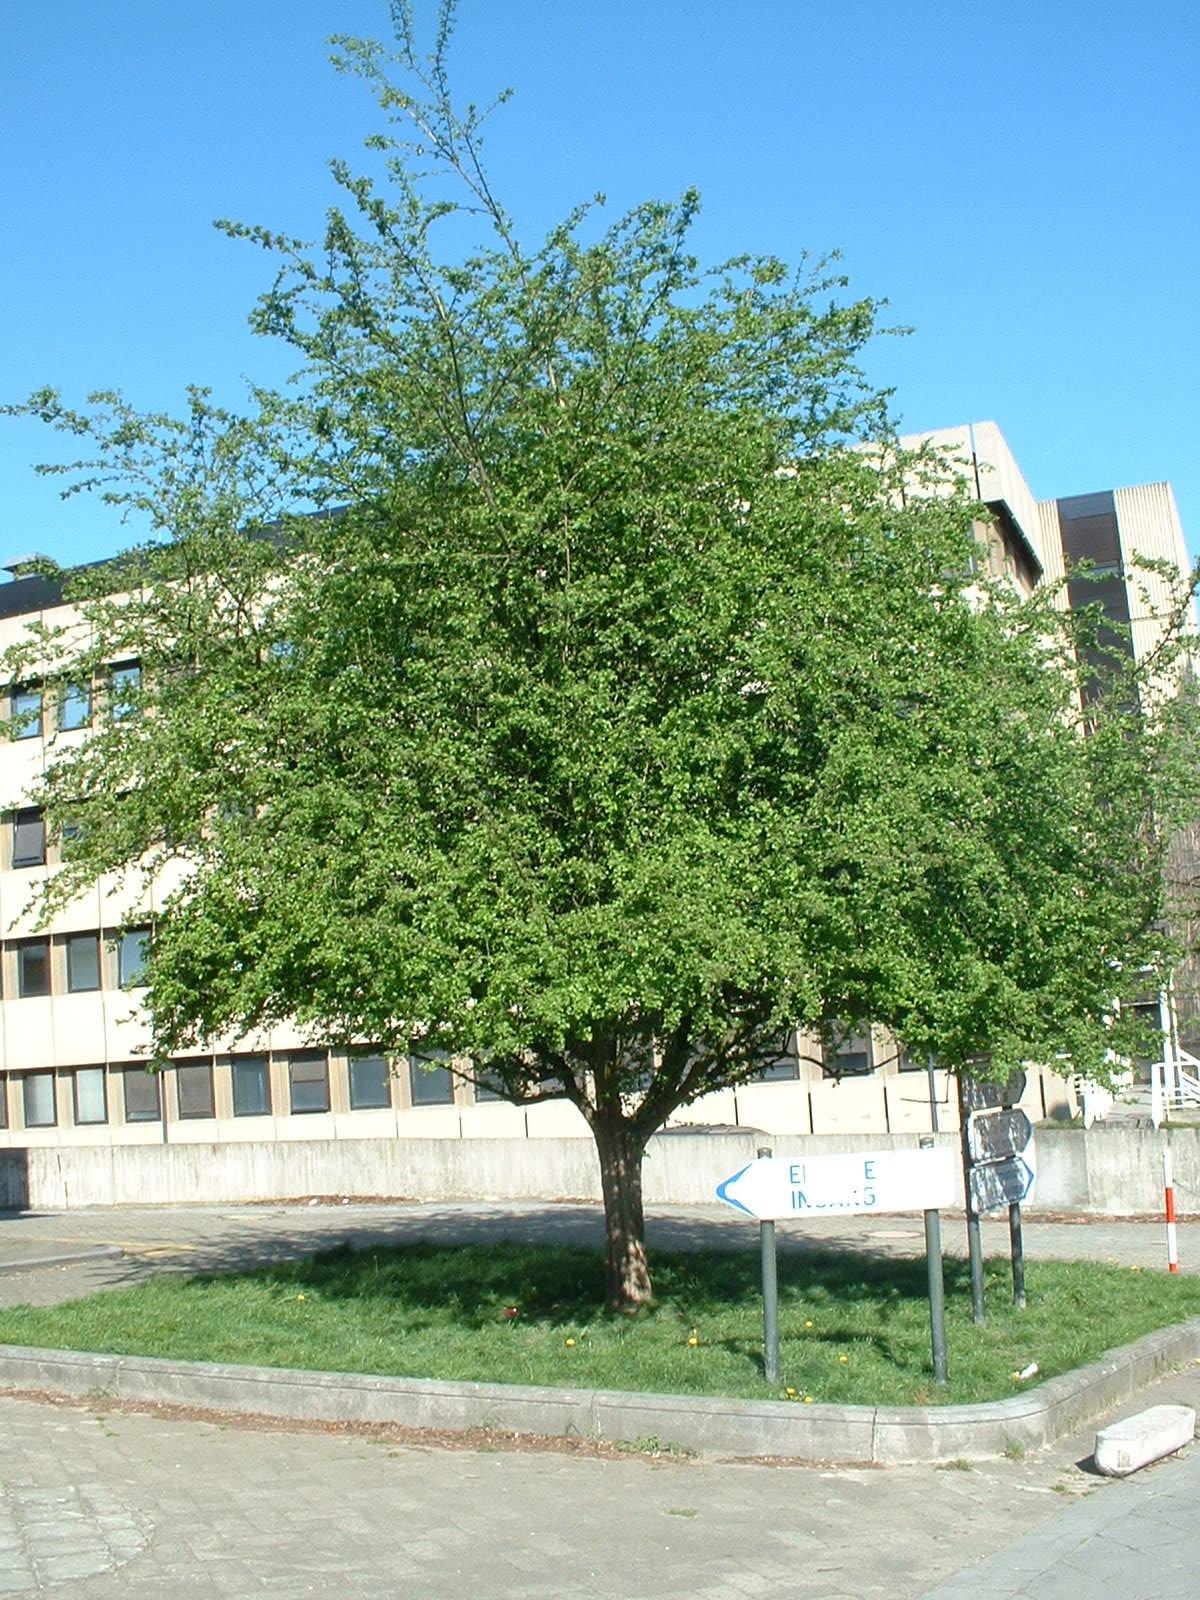 Aubépine à un style/ Epine blanche – Ixelles, Rue Jean Paquot, 63 –  16 Avril 2003